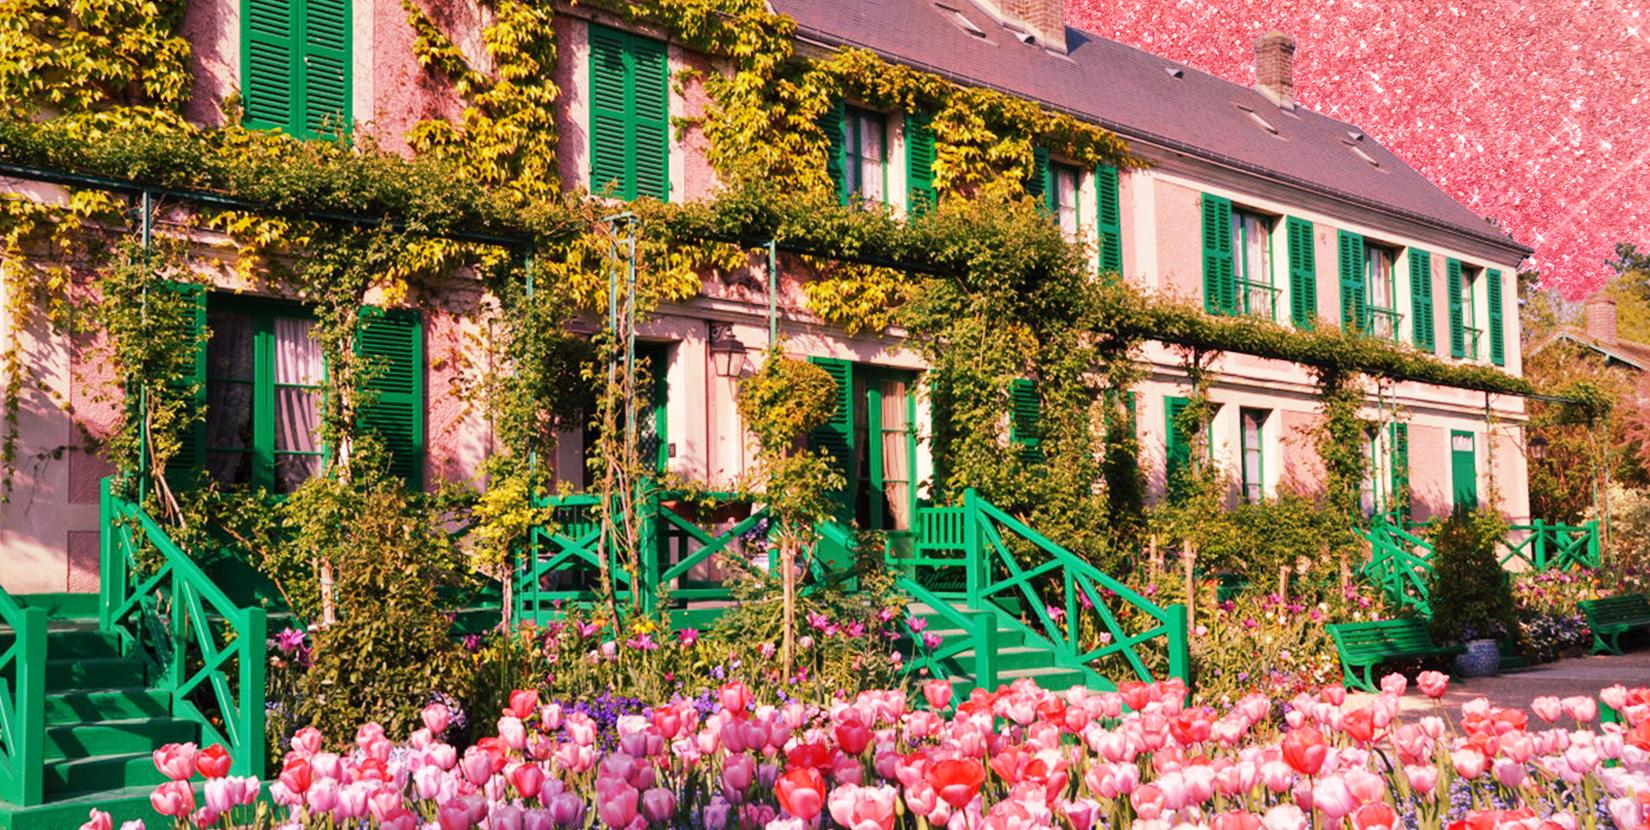 Giverny, dove Monet visse, dipinse e amò i fiori sopra ogni cosa